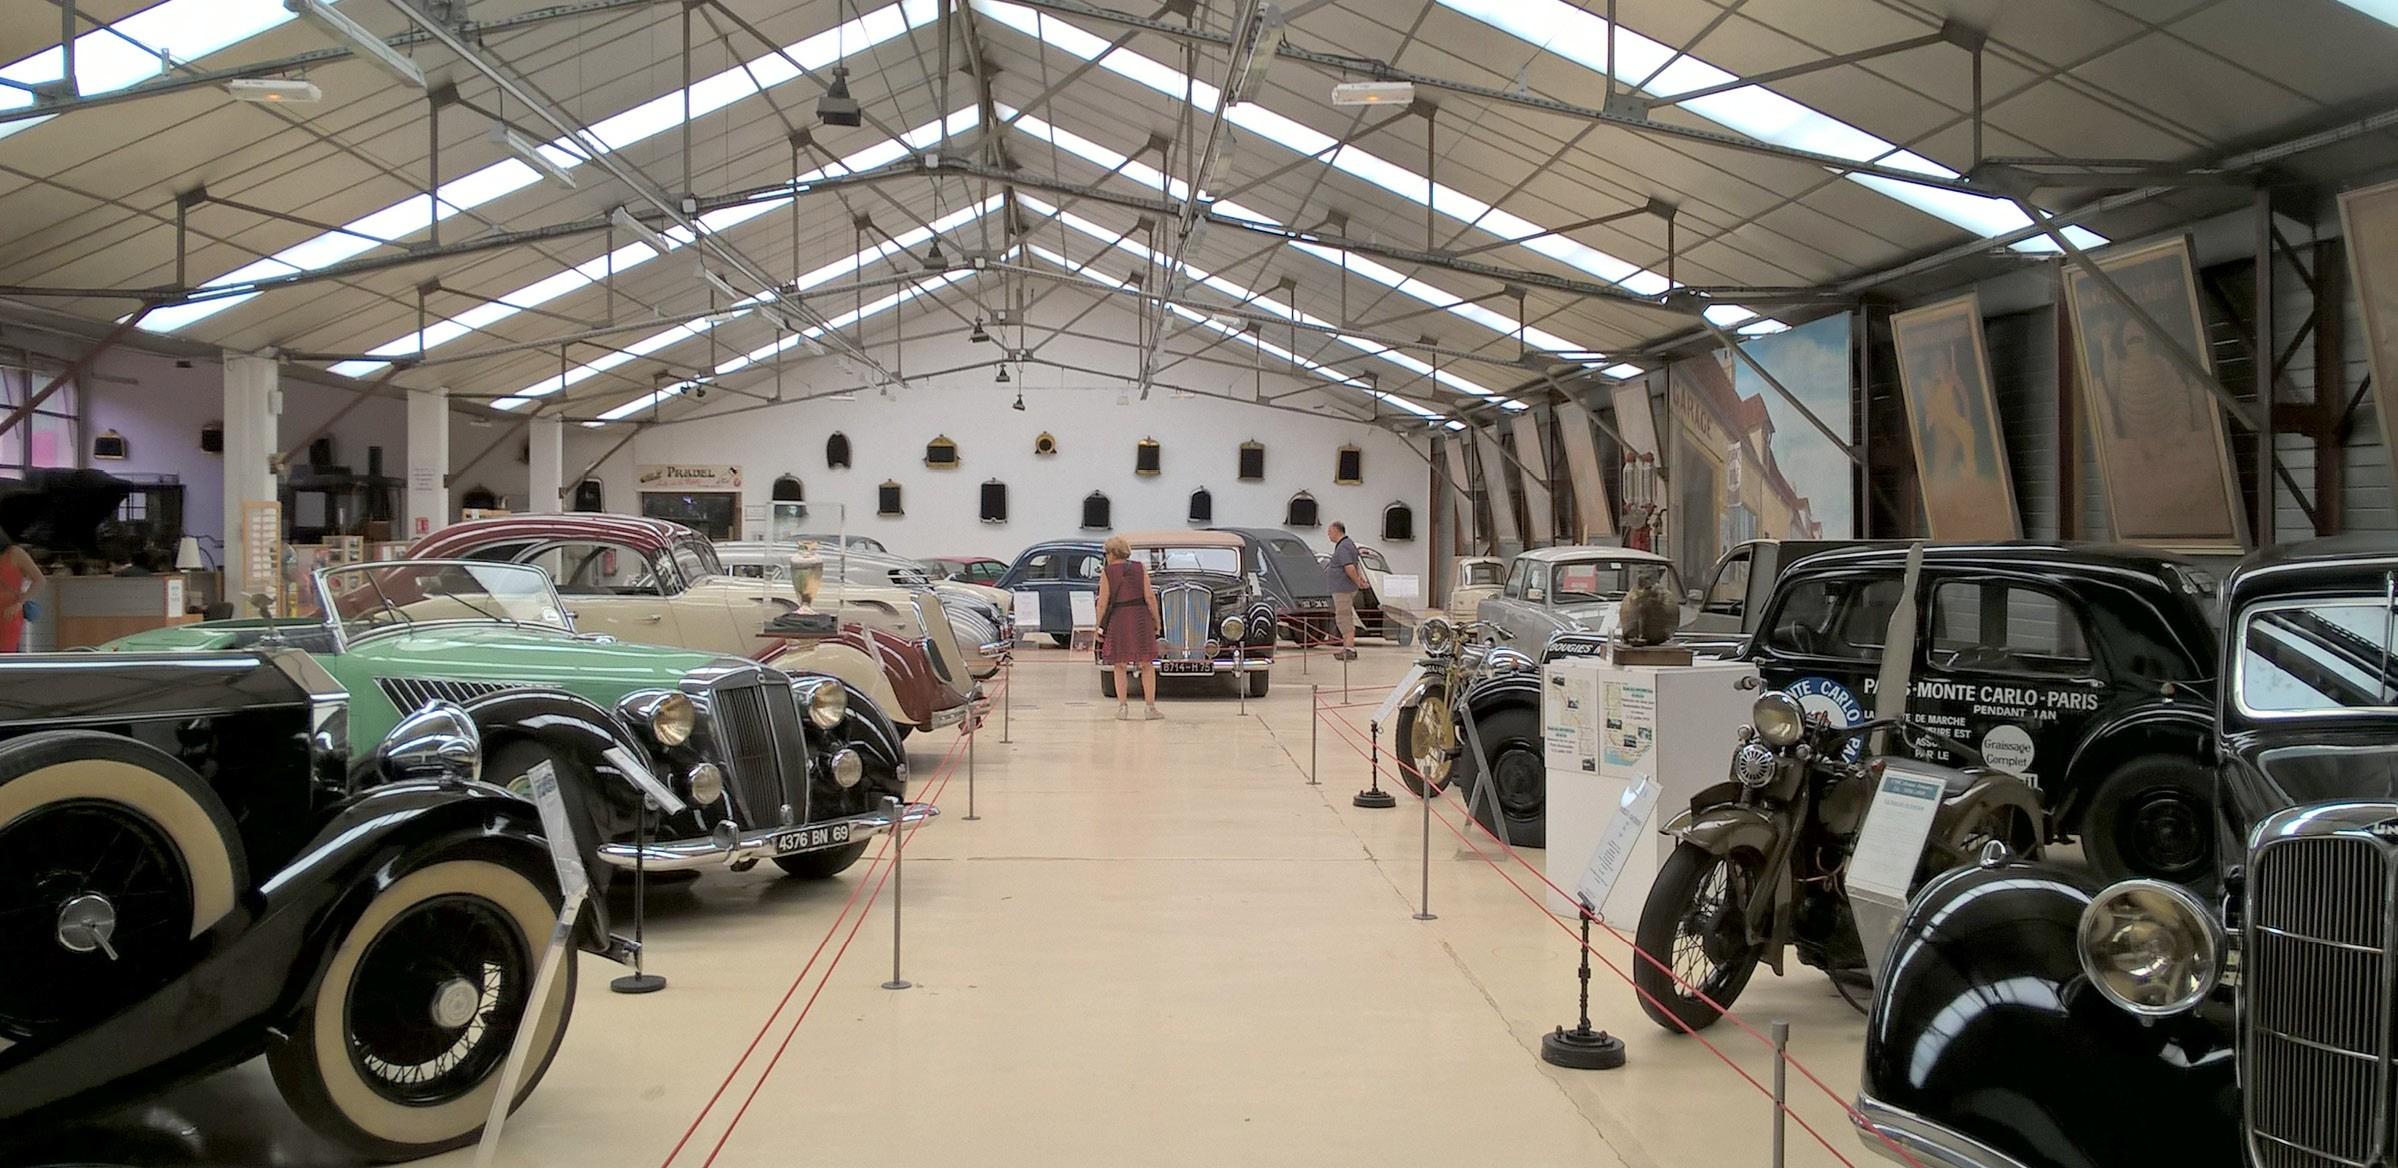 musee-henri-malartre-automobile-lyon15